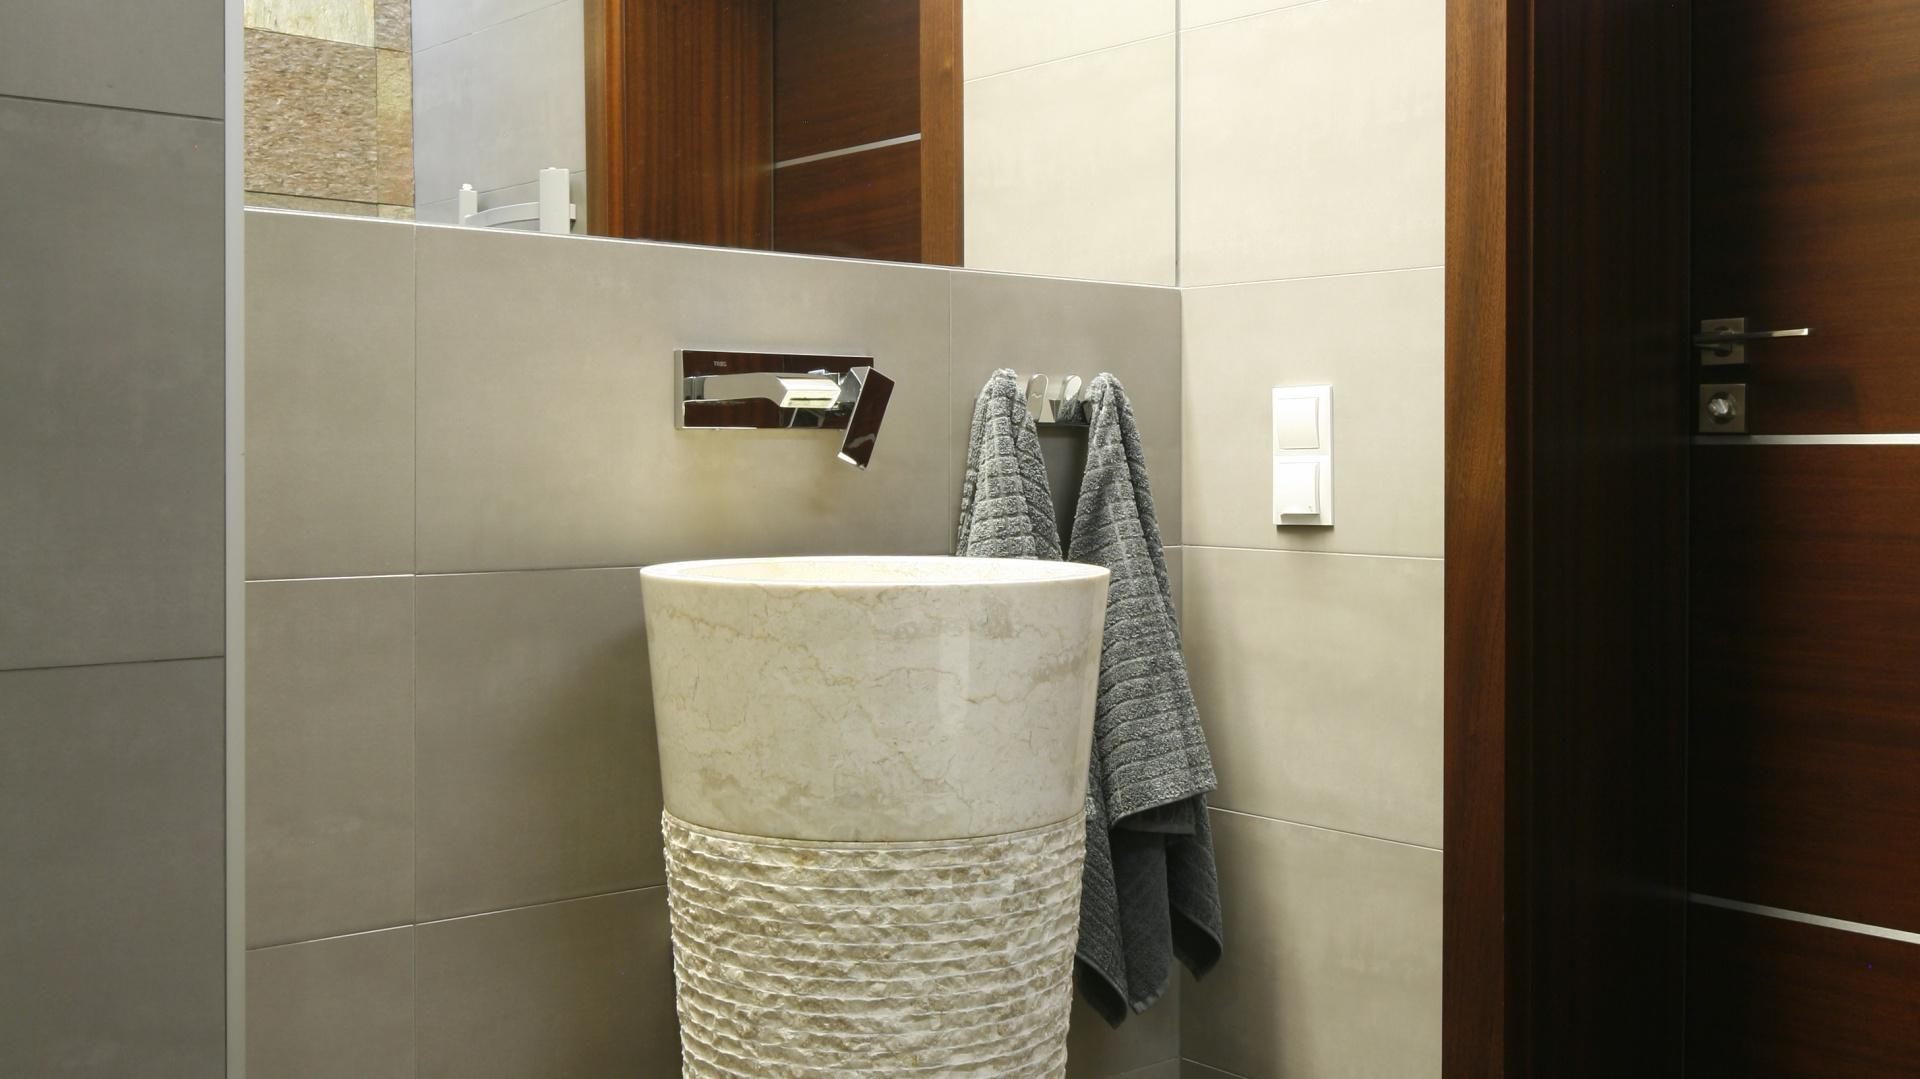 Mała łazienka Tak Urządzisz Ją W Kamieniu